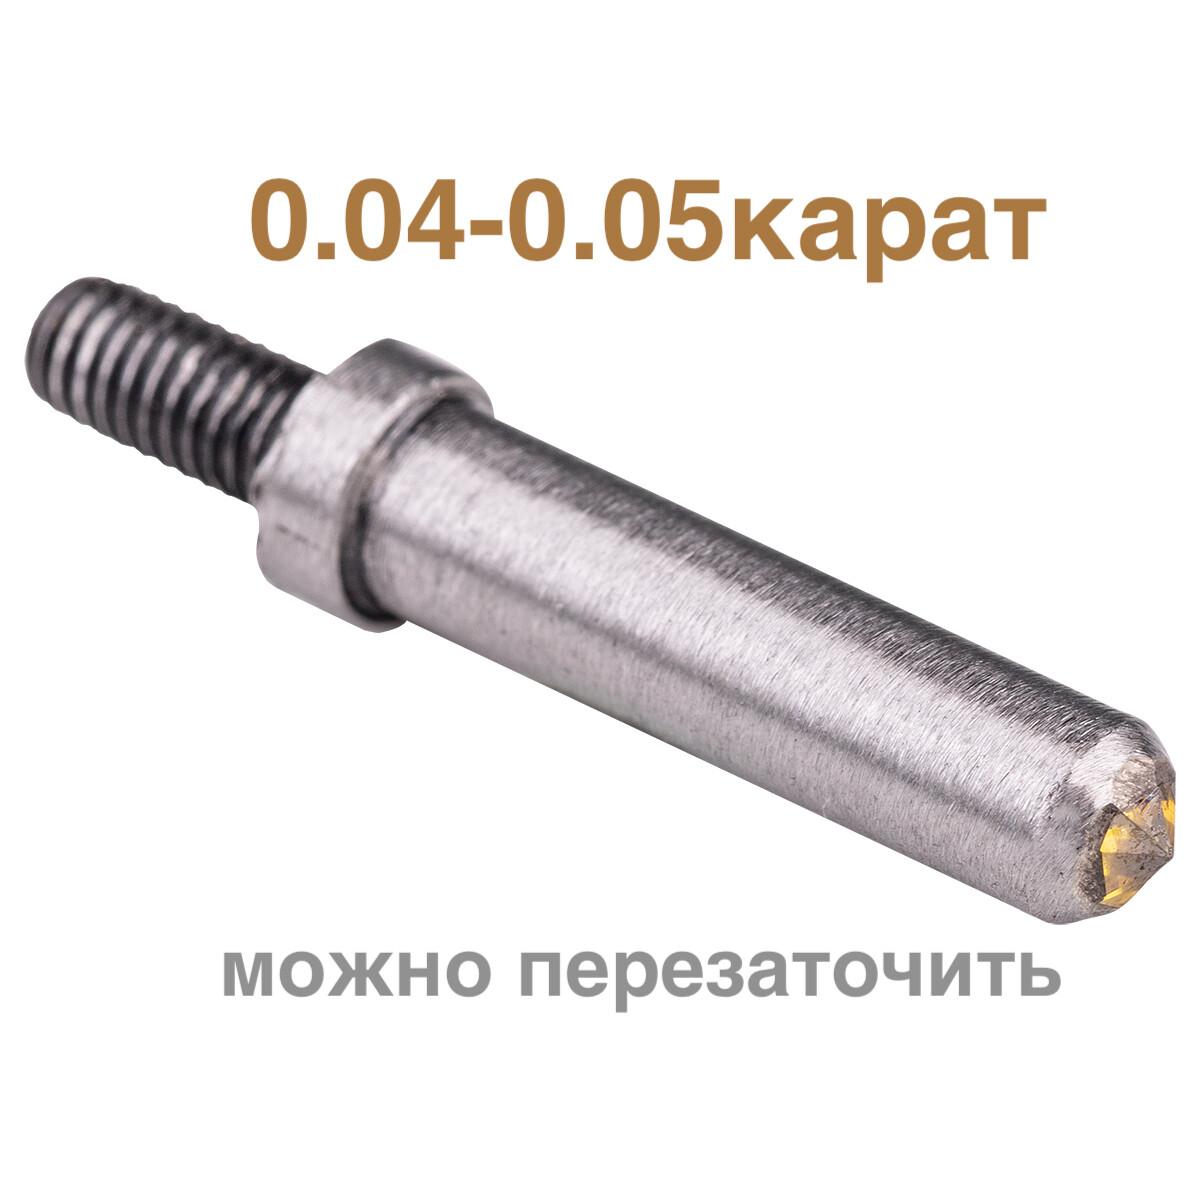 0.04-0.05ct ЭКСПЕРТ-2/УТЕХИН игла алмазная №1